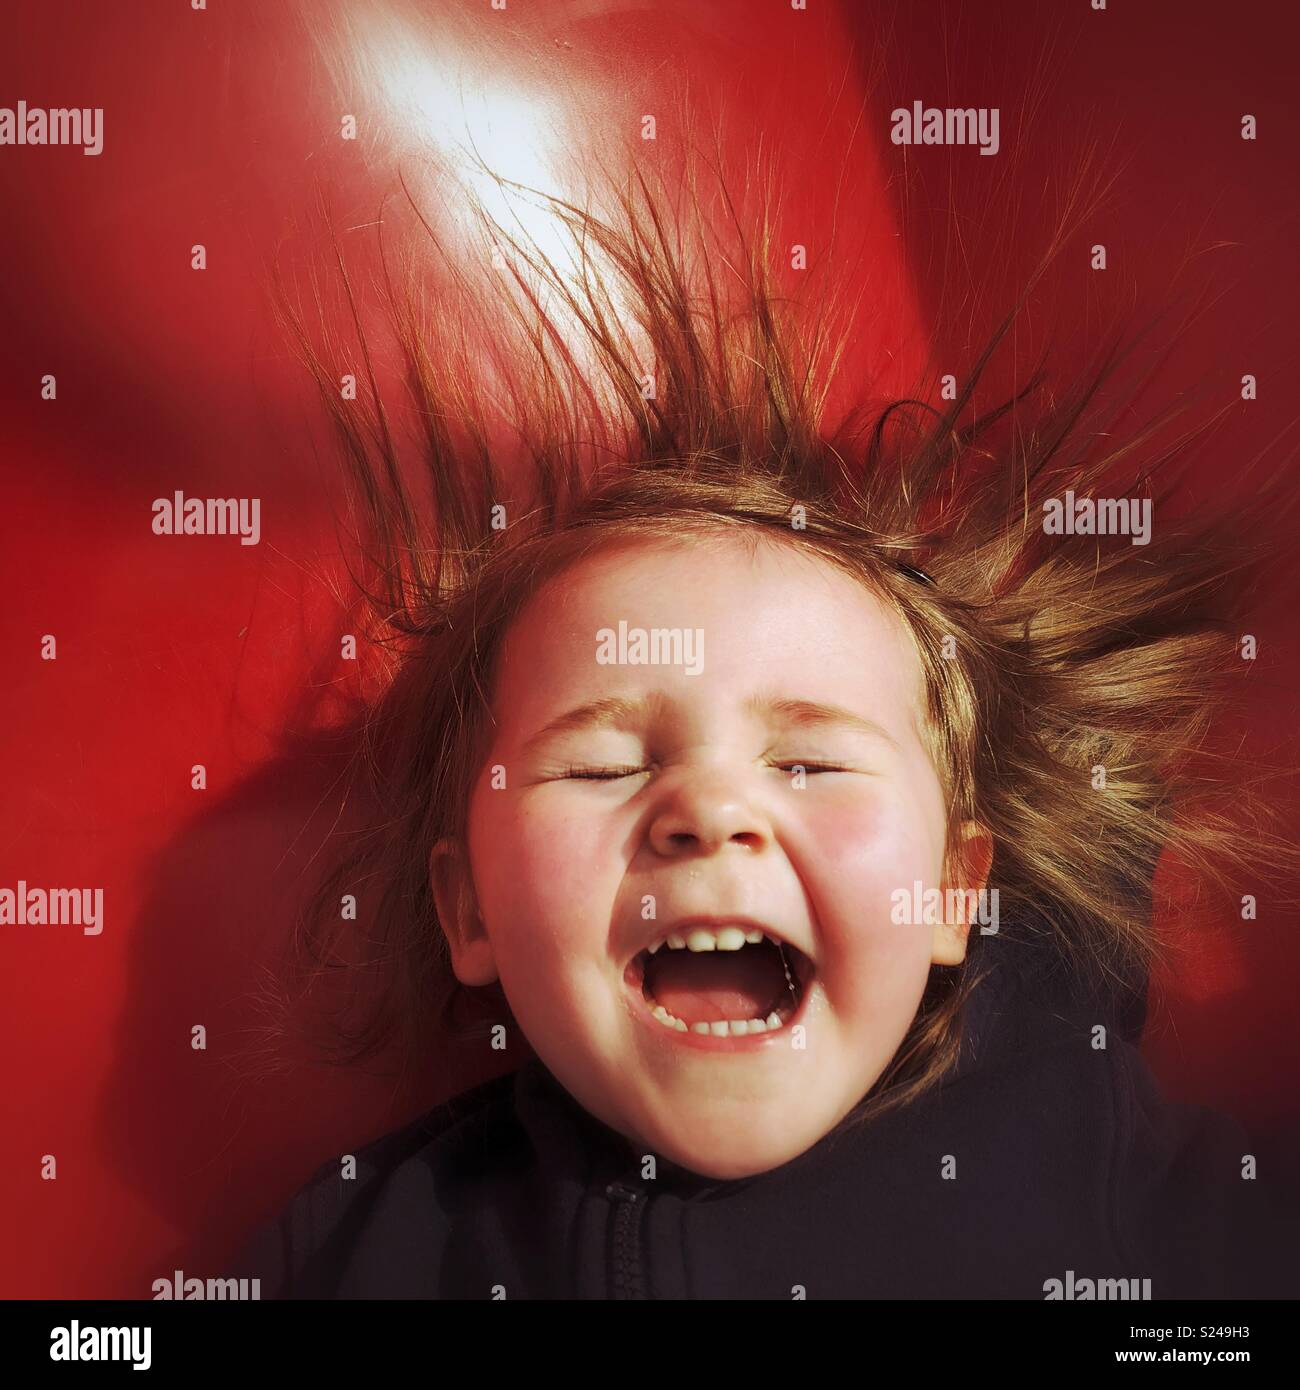 Il Toddler ragazza ridere con gioia come lei scorre una slitta rossa Immagini Stock